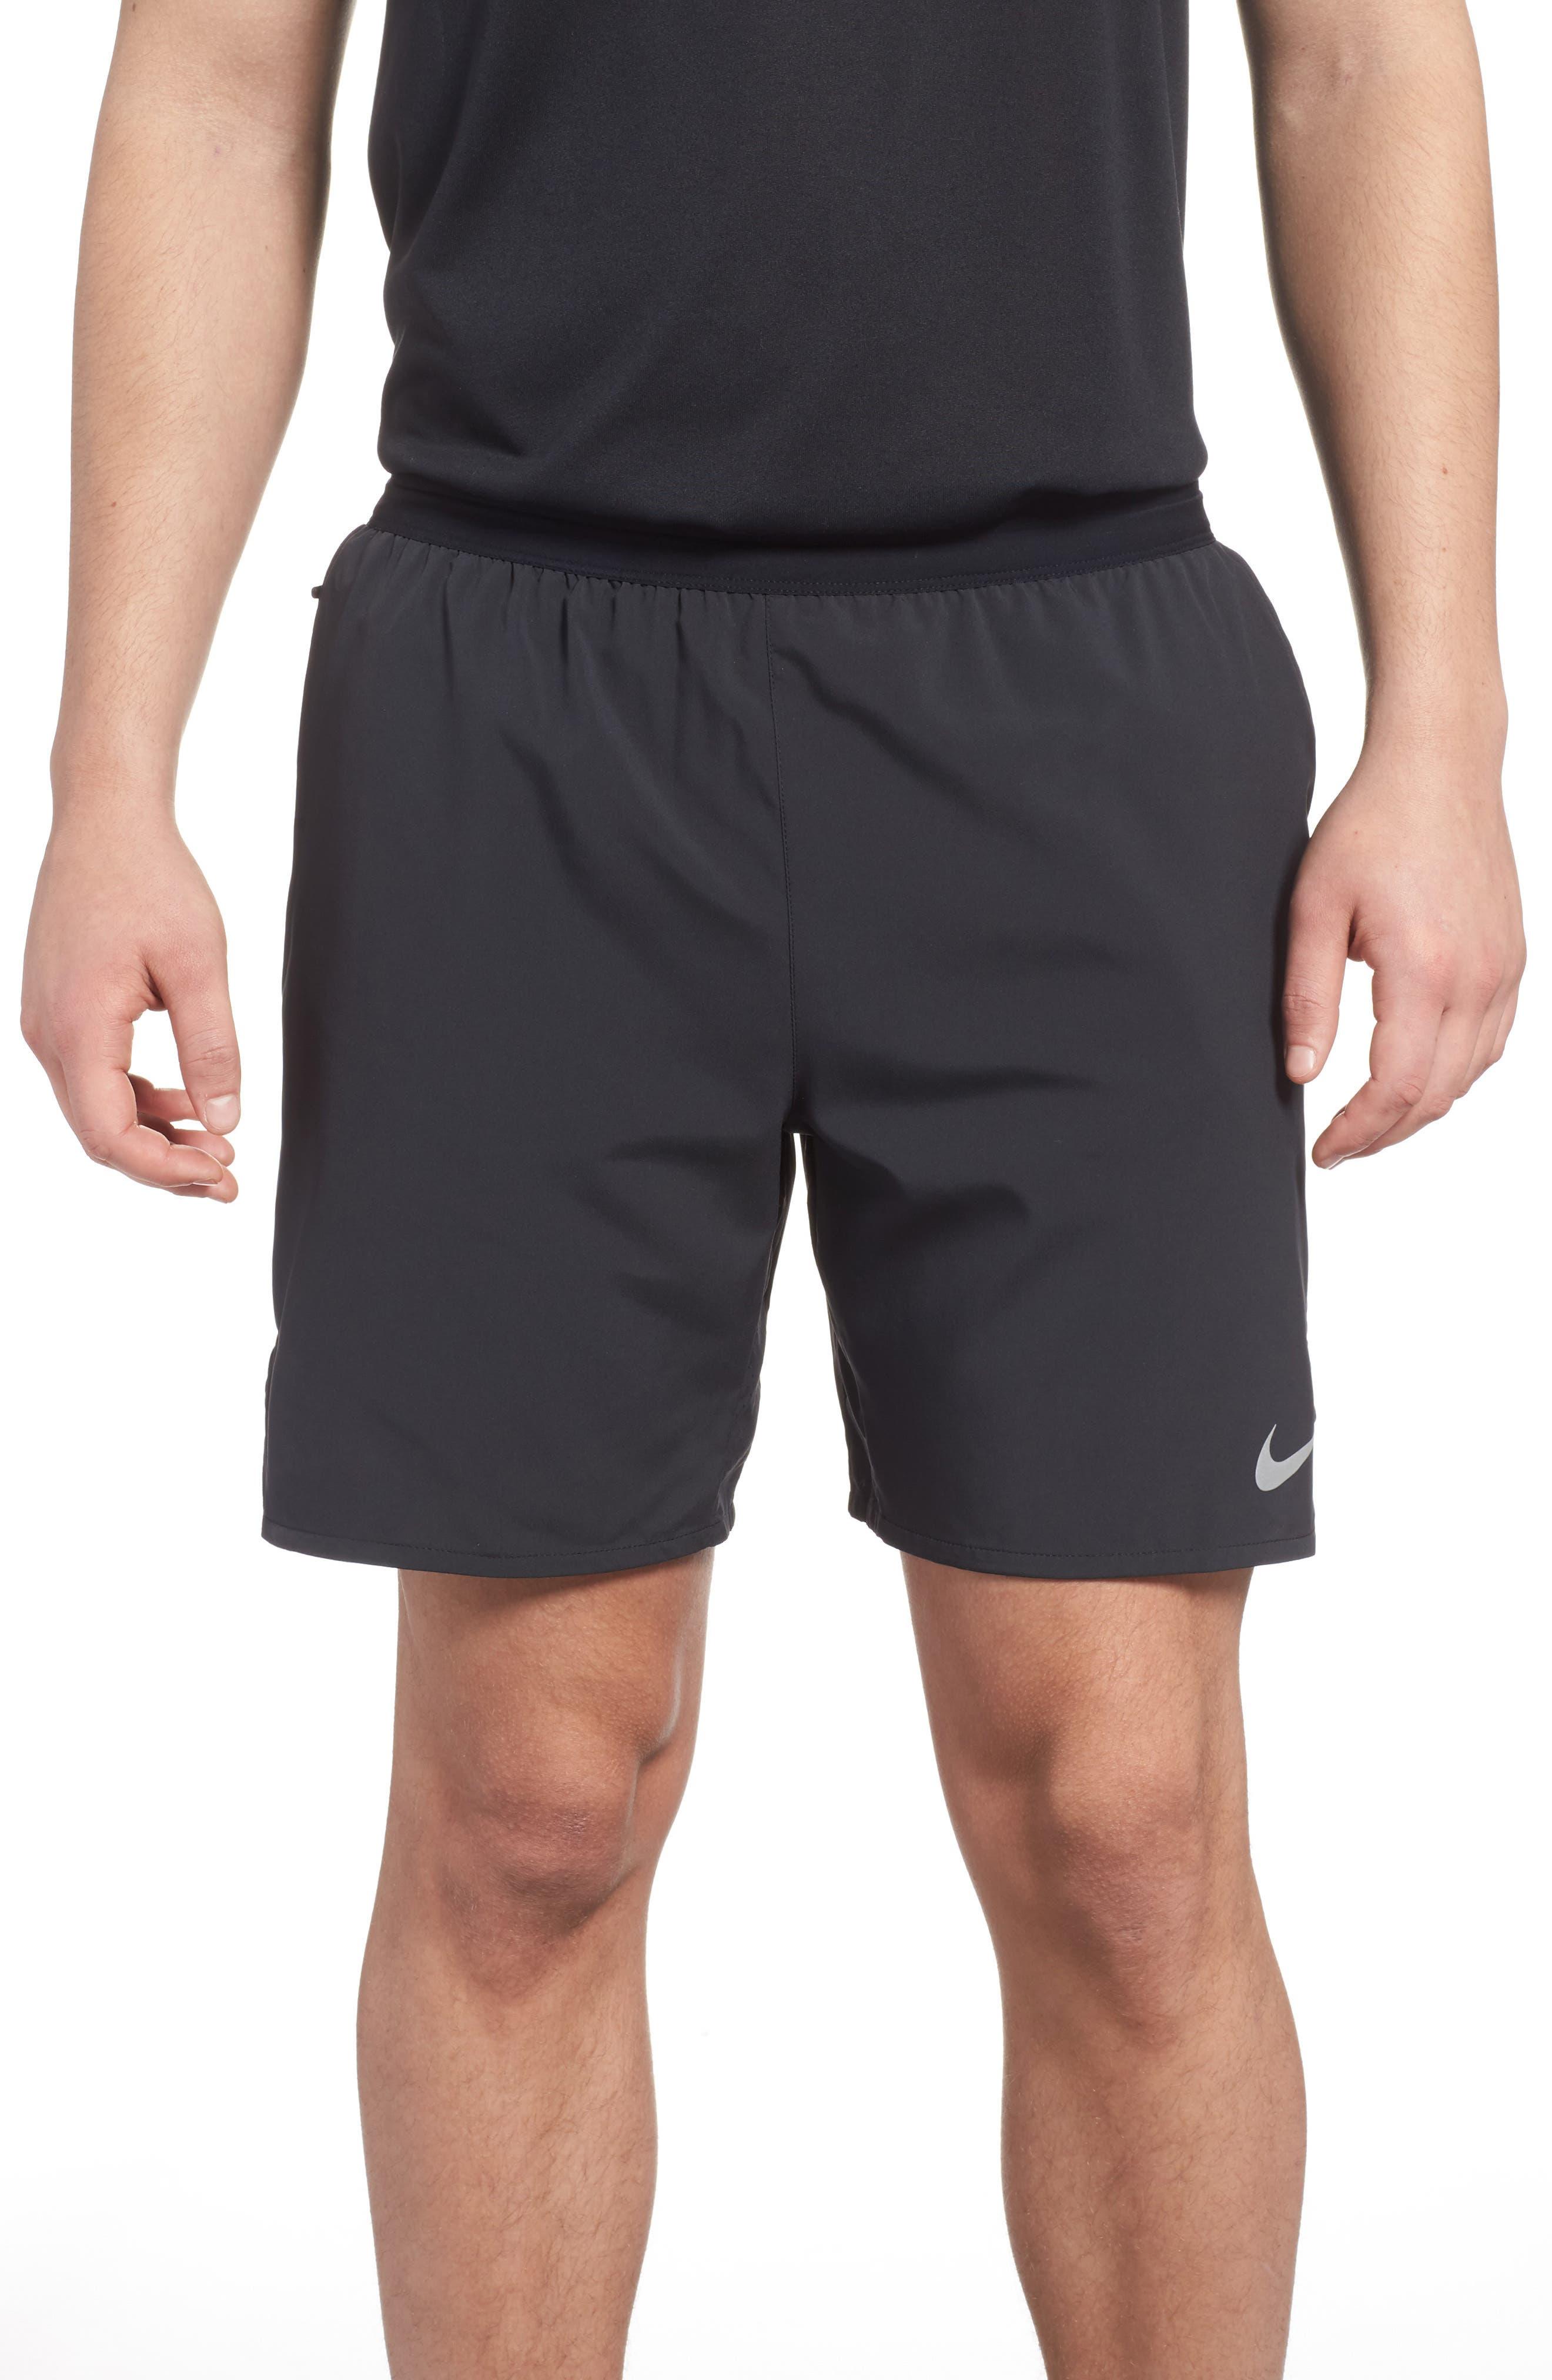 Flex Distance Shorts,                         Main,                         color, Black/ Black